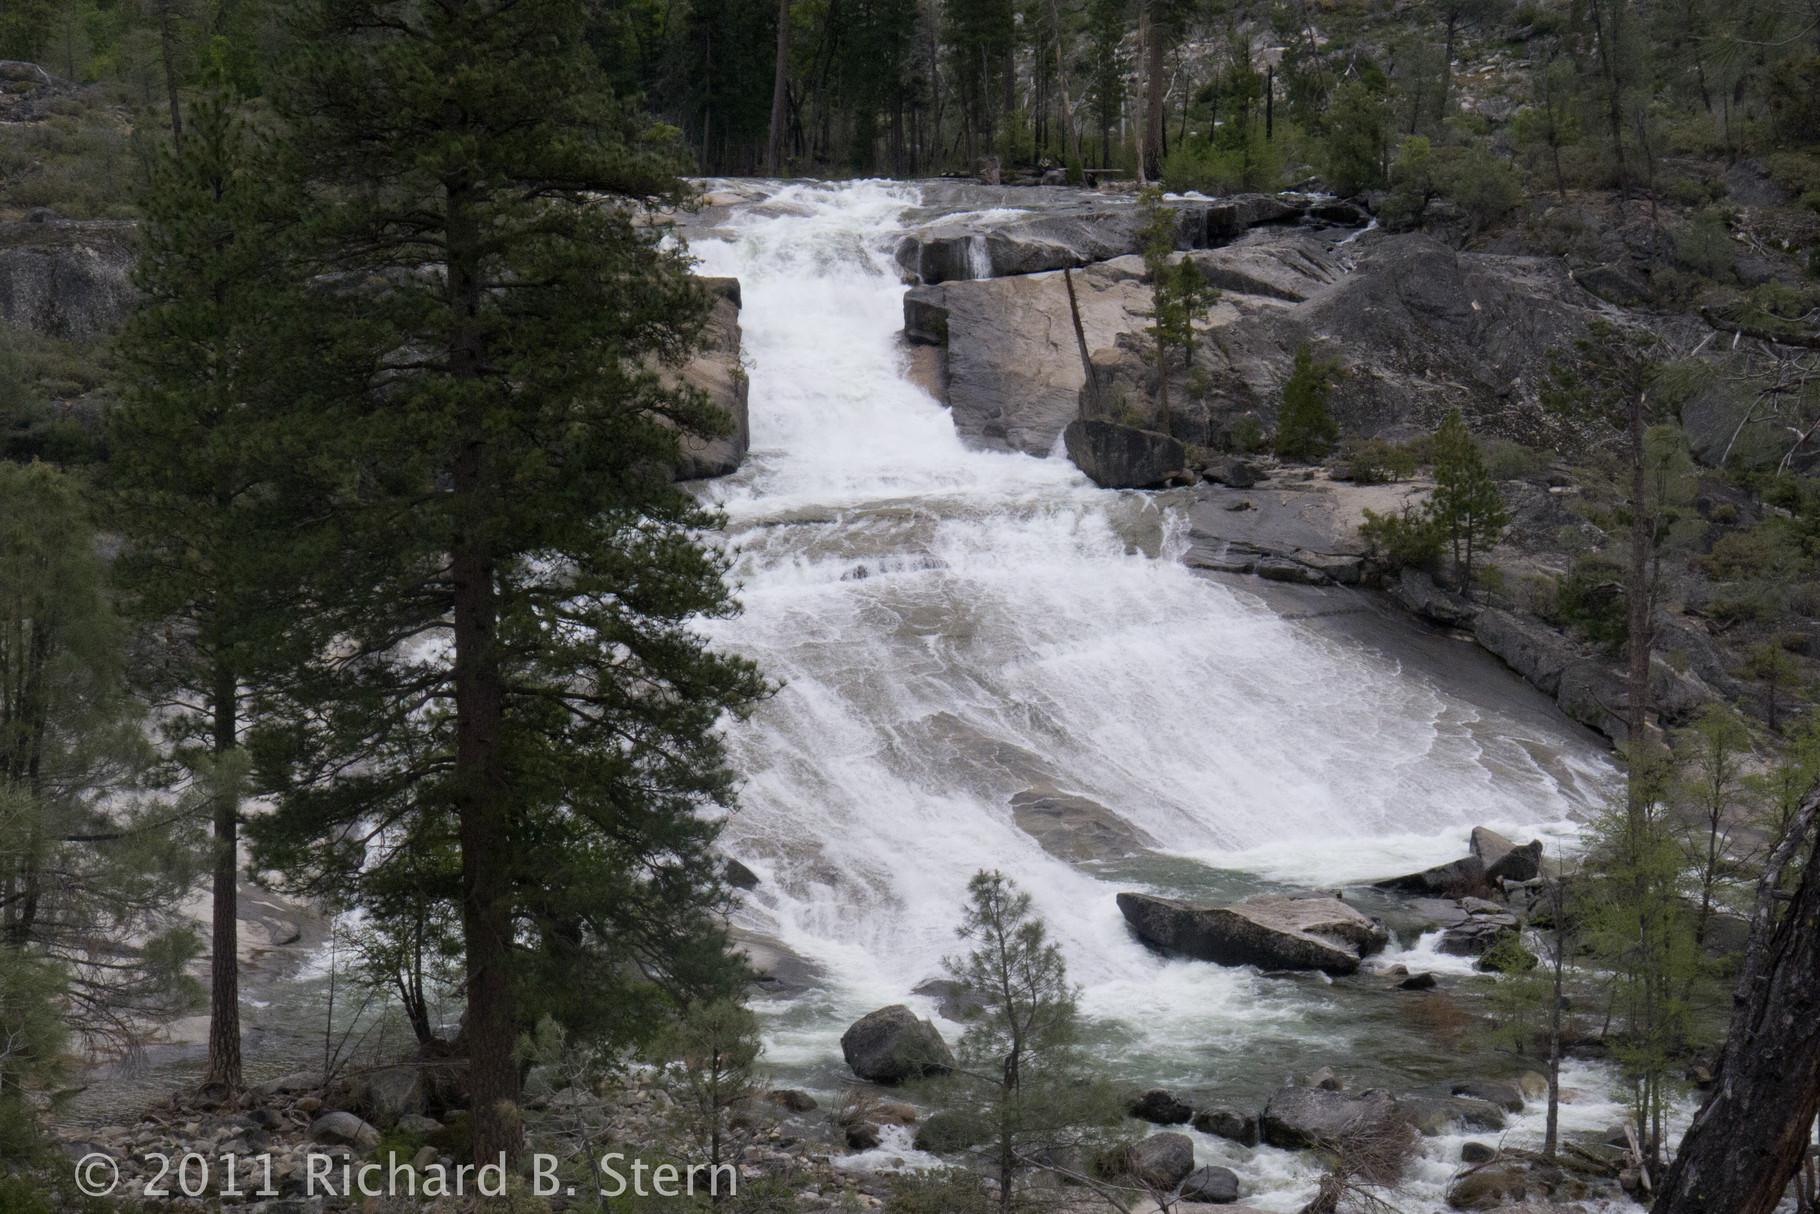 Rancheria Falls Backpack Trip-Yosemite National Park